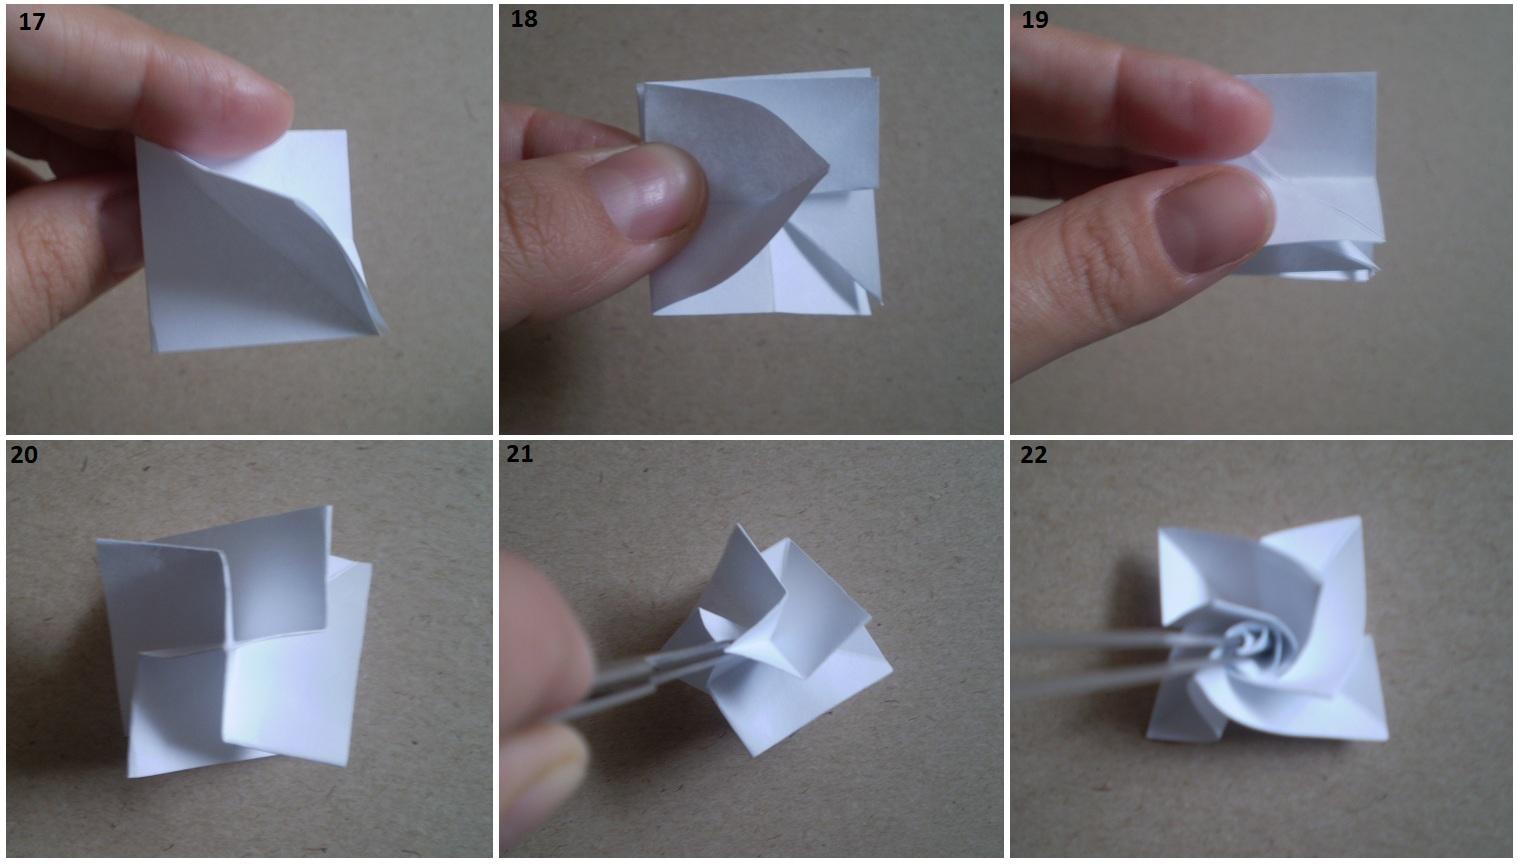 Как сделать коробочку из бумаги своими руками поэтапно фото для начинающих